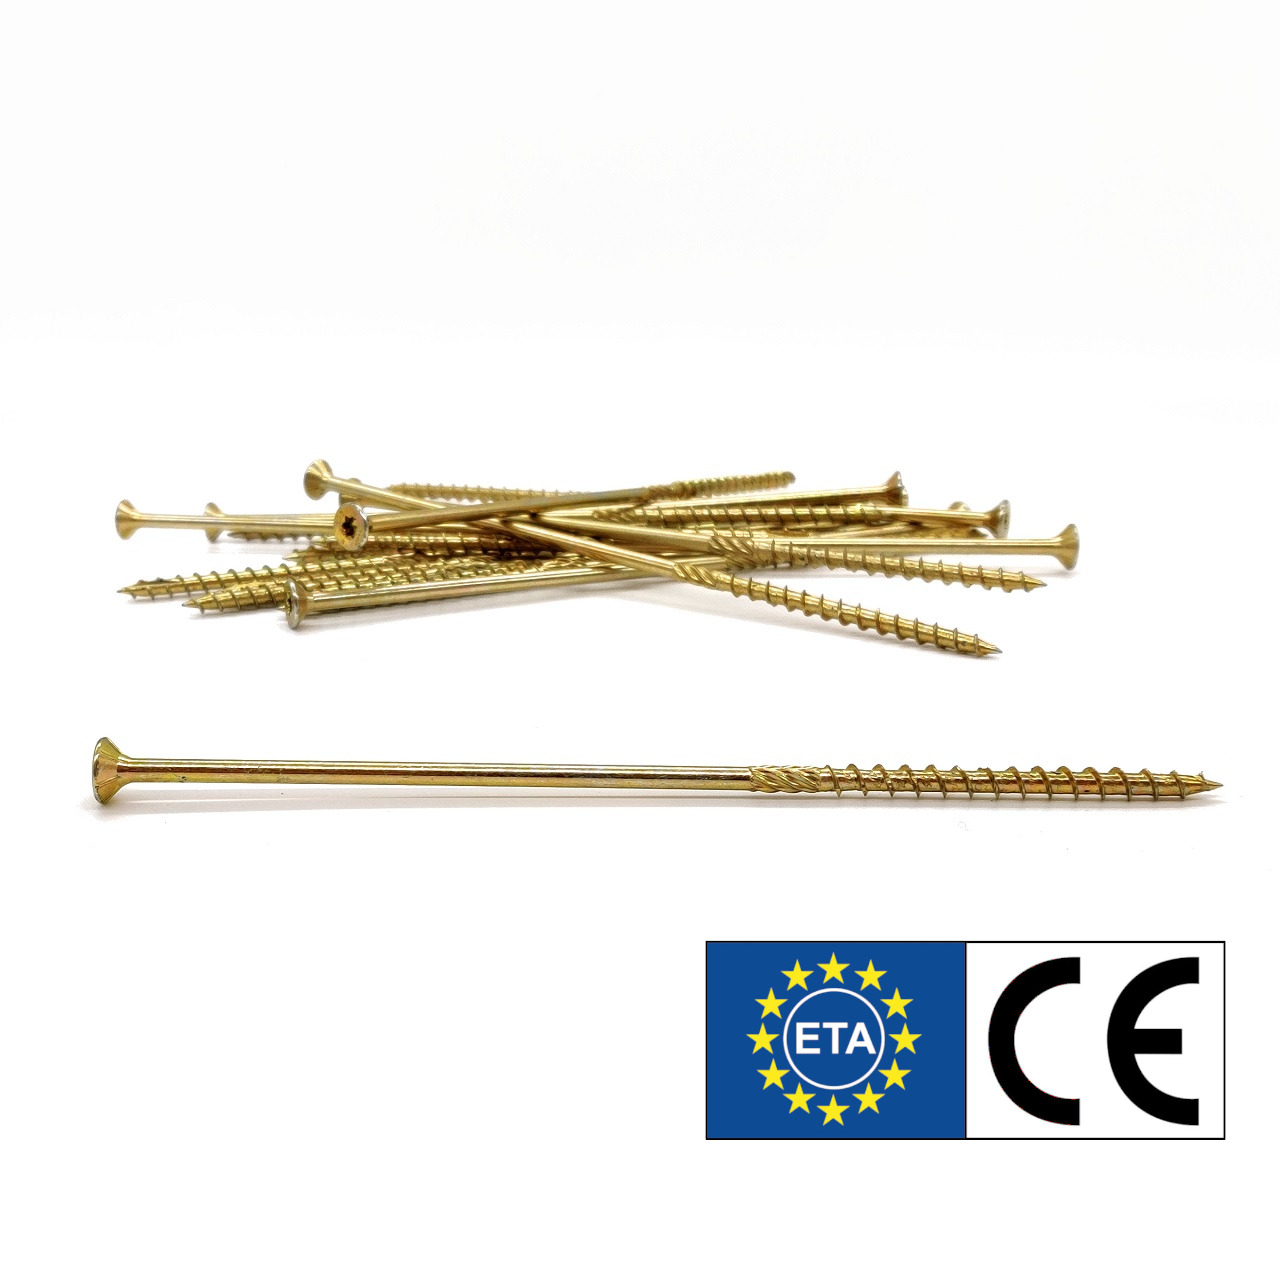 adunox SuperUni Holzschrauben / Spanplattenschrauben | gelb verzinkt | 5,0x40 | 200 Stk